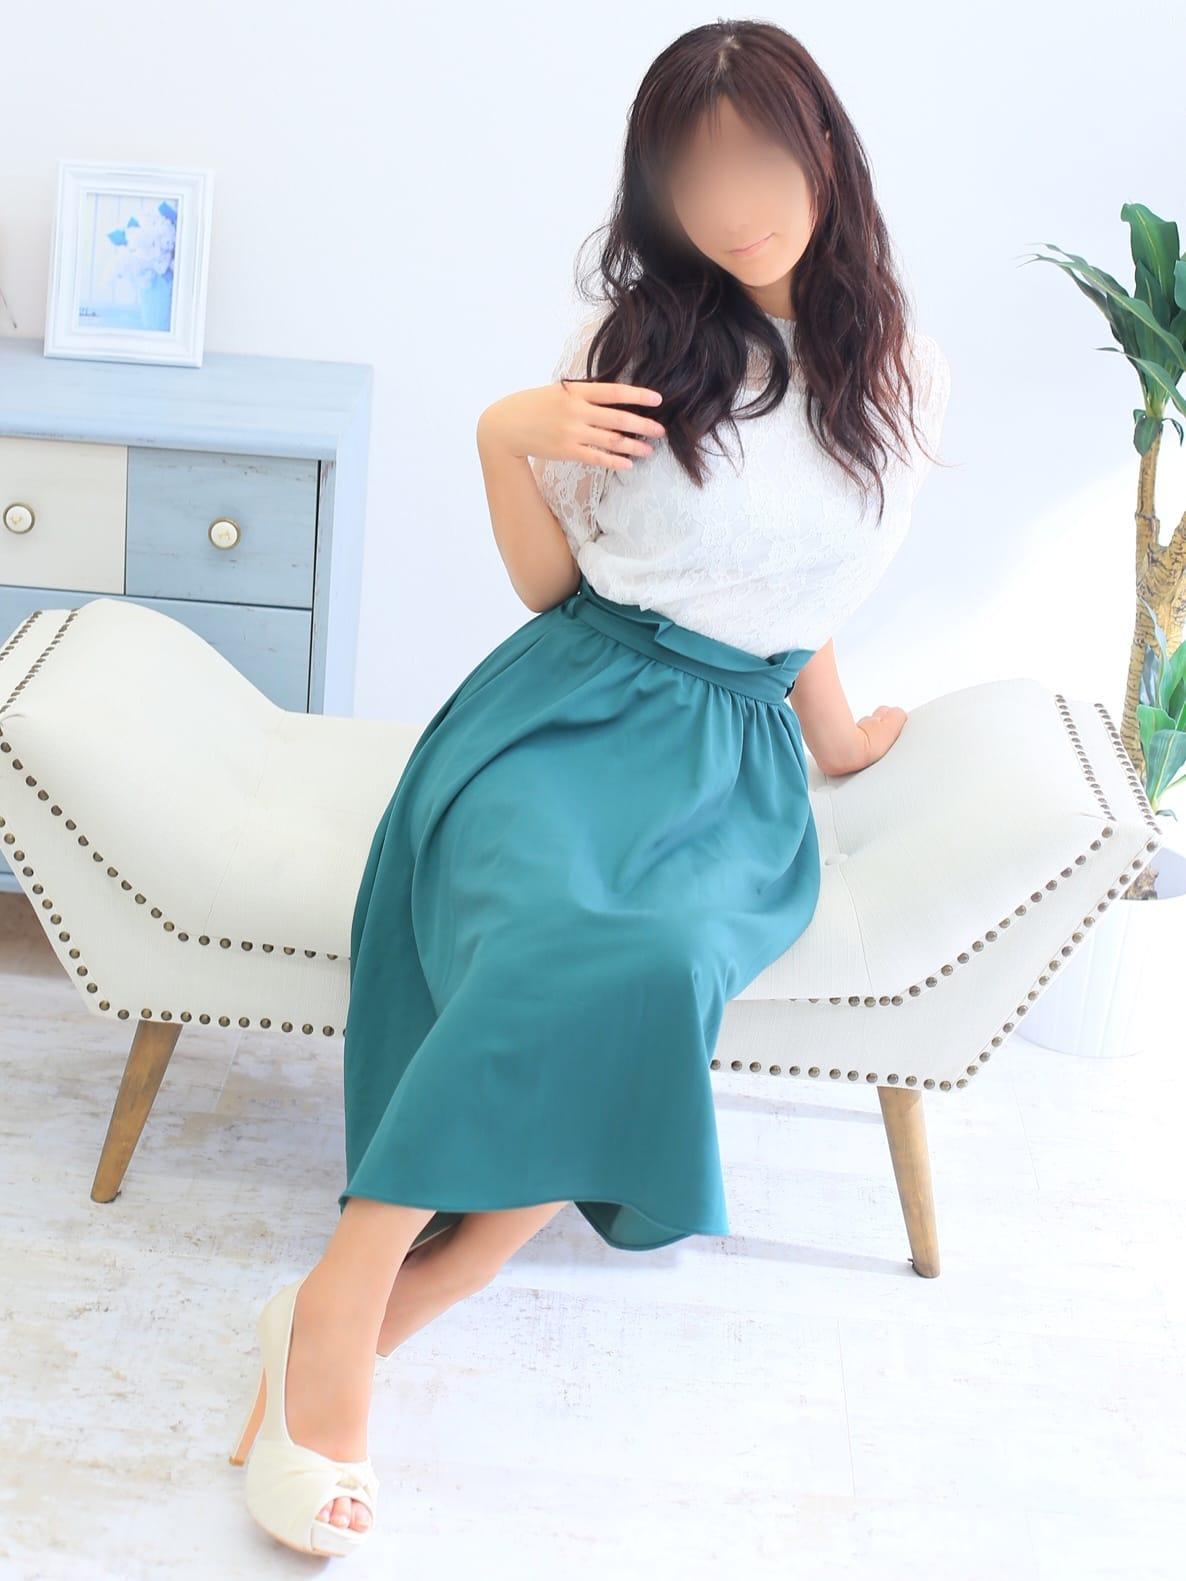 新人★相原 恋人PLAY大好き♡(お姉さん人妻専門店FANTASY)のプロフ写真4枚目